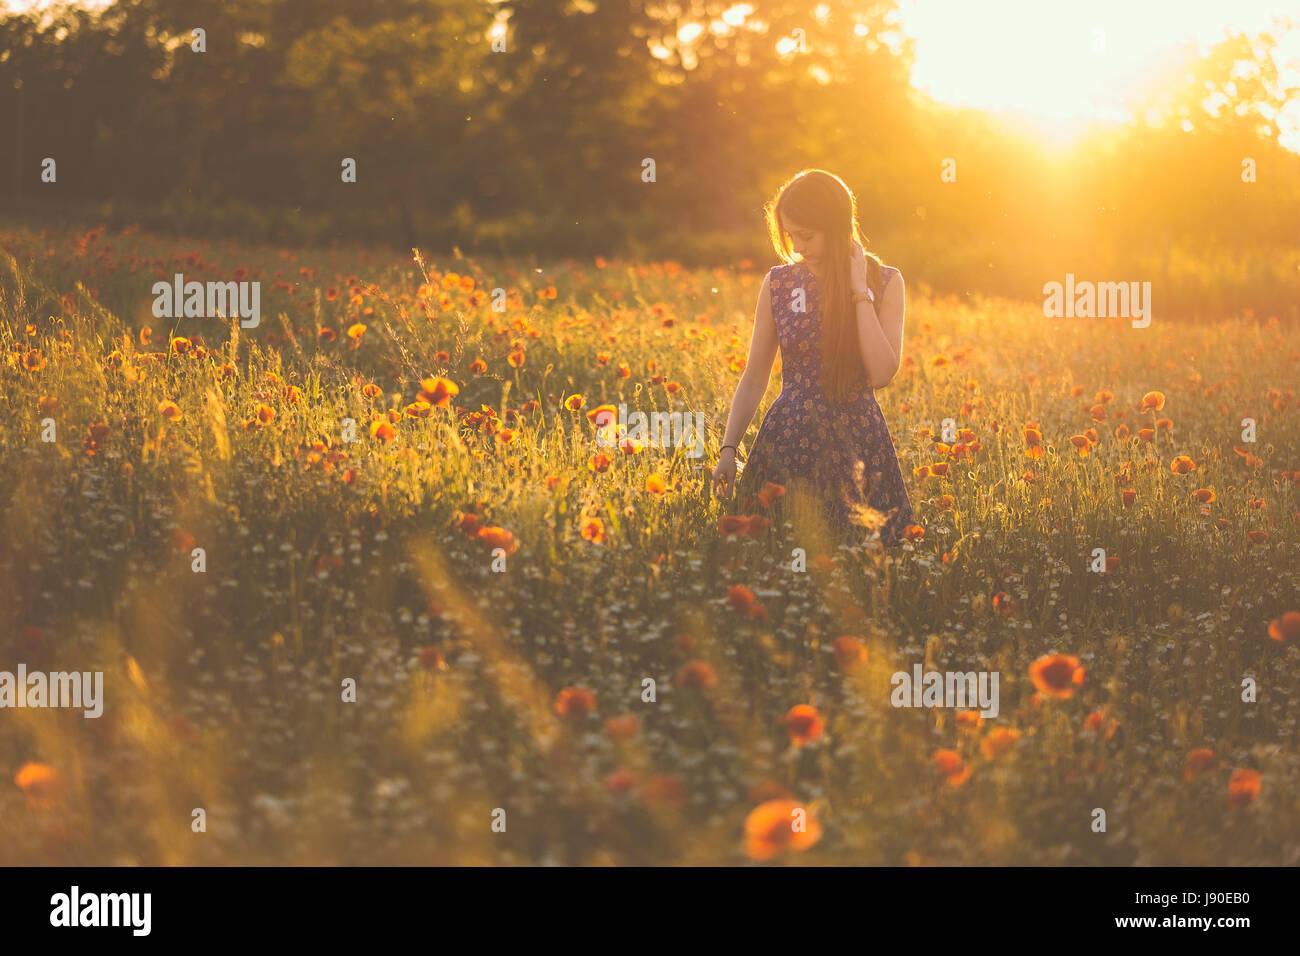 La mujer en el campo de amapolas en verano atardecer Imagen De Stock